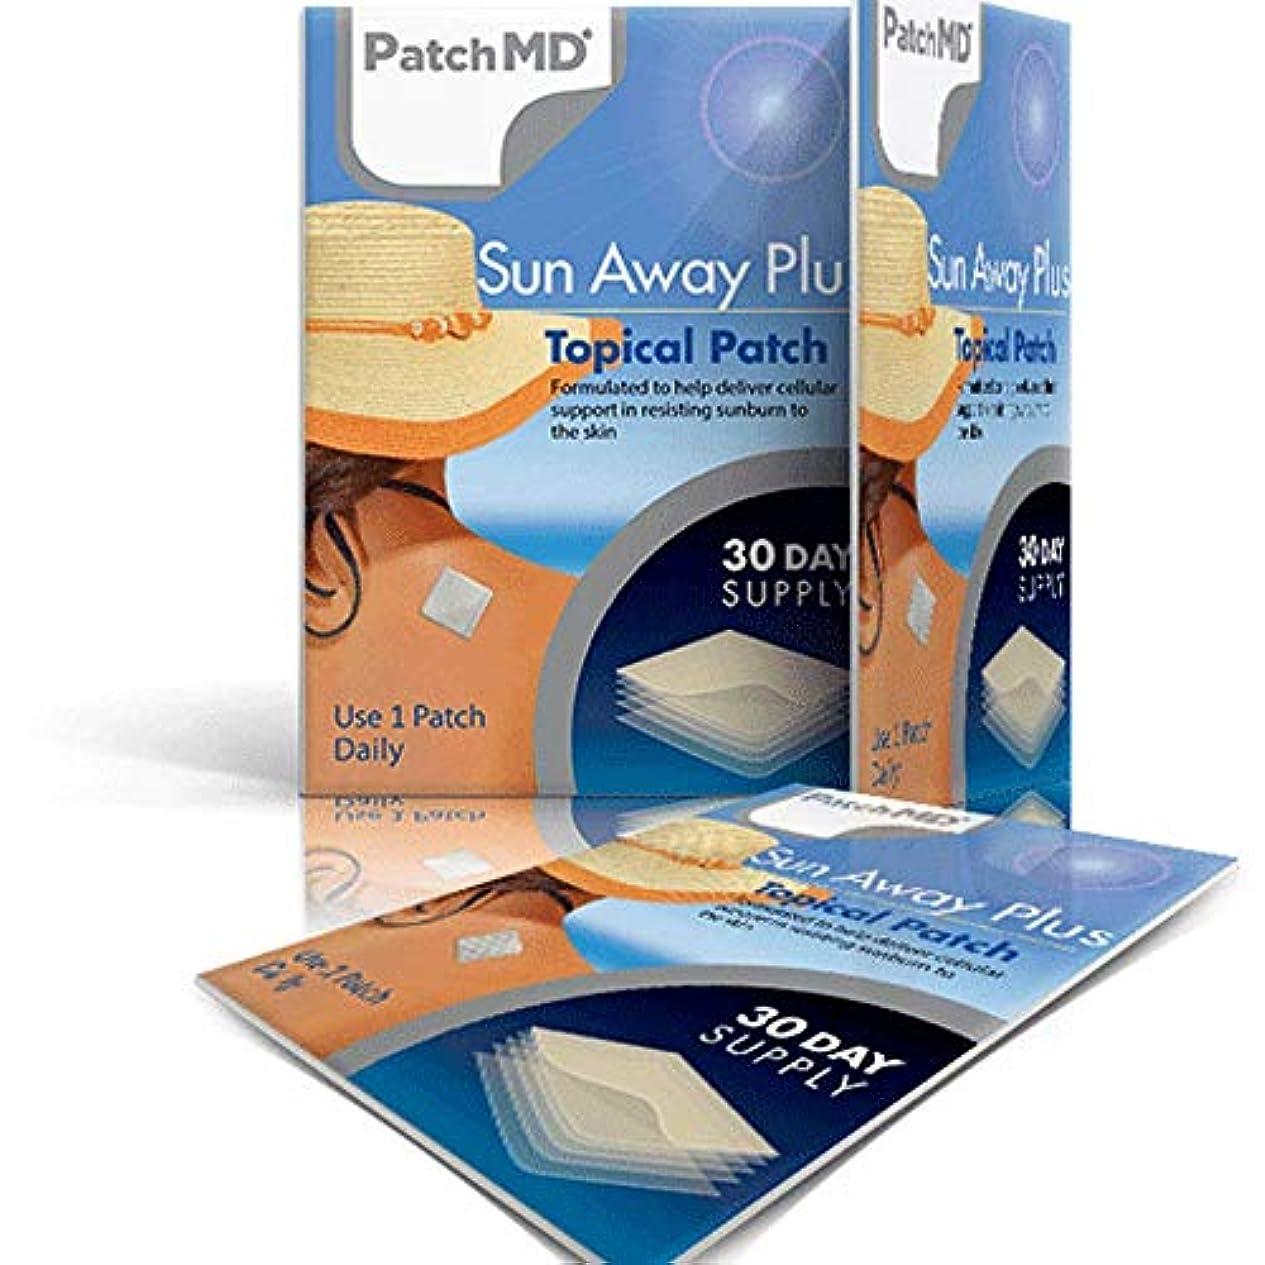 パッチMD サンアウェイプラス 30パッチ 1袋 Sun Away Plus Topical Patch